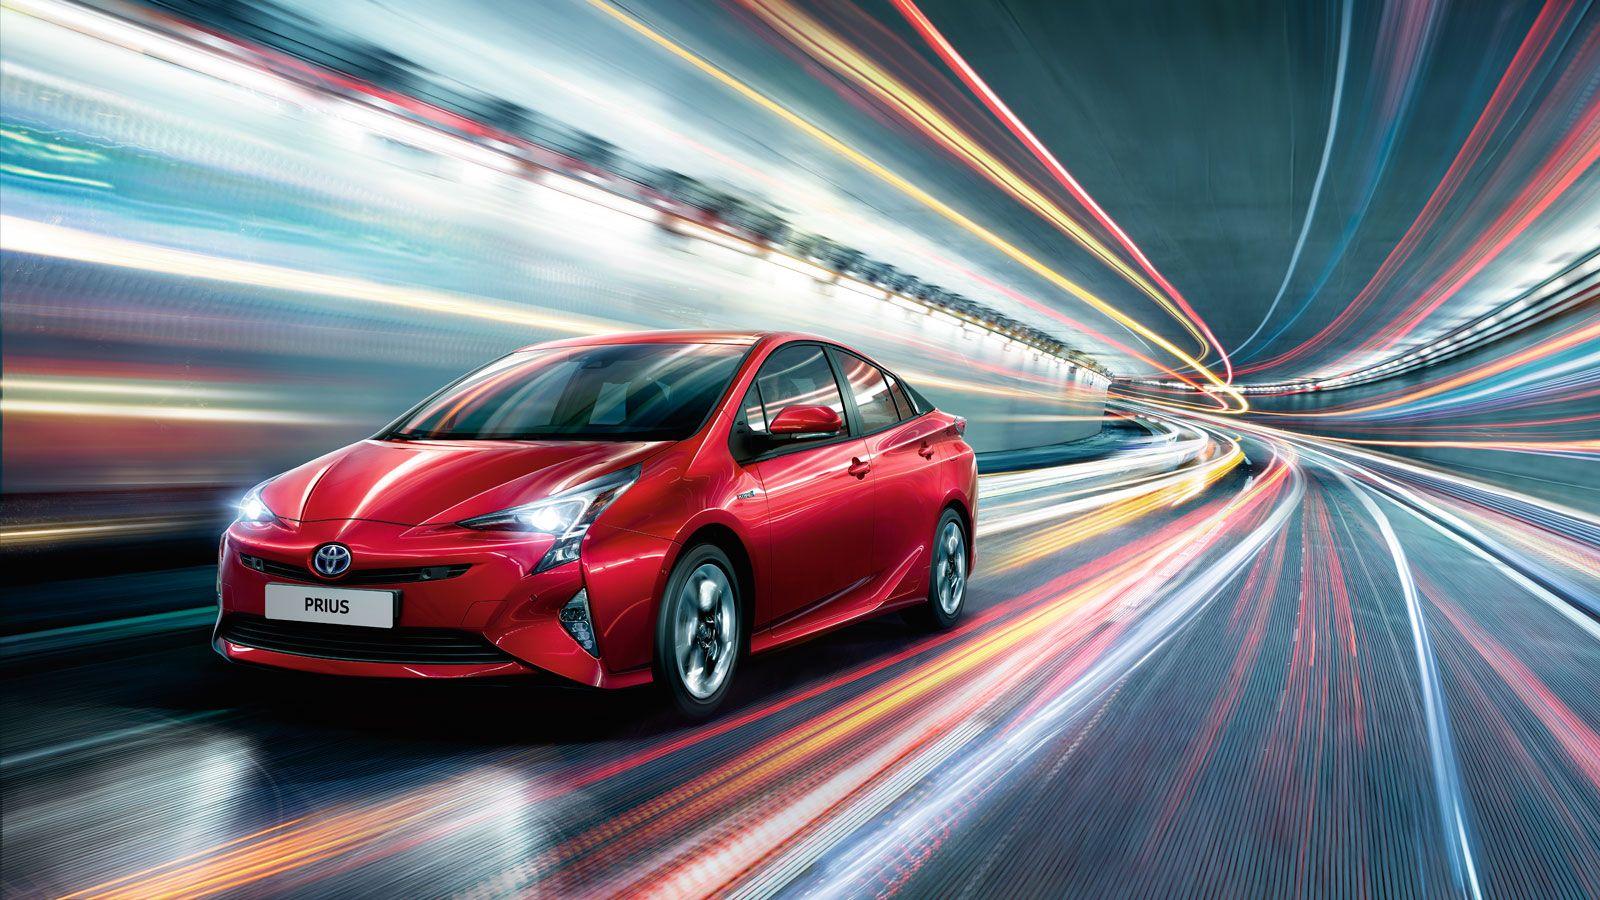 Toyota Prius A Hybrid Icon Again Toyota Uk Toyota Prius